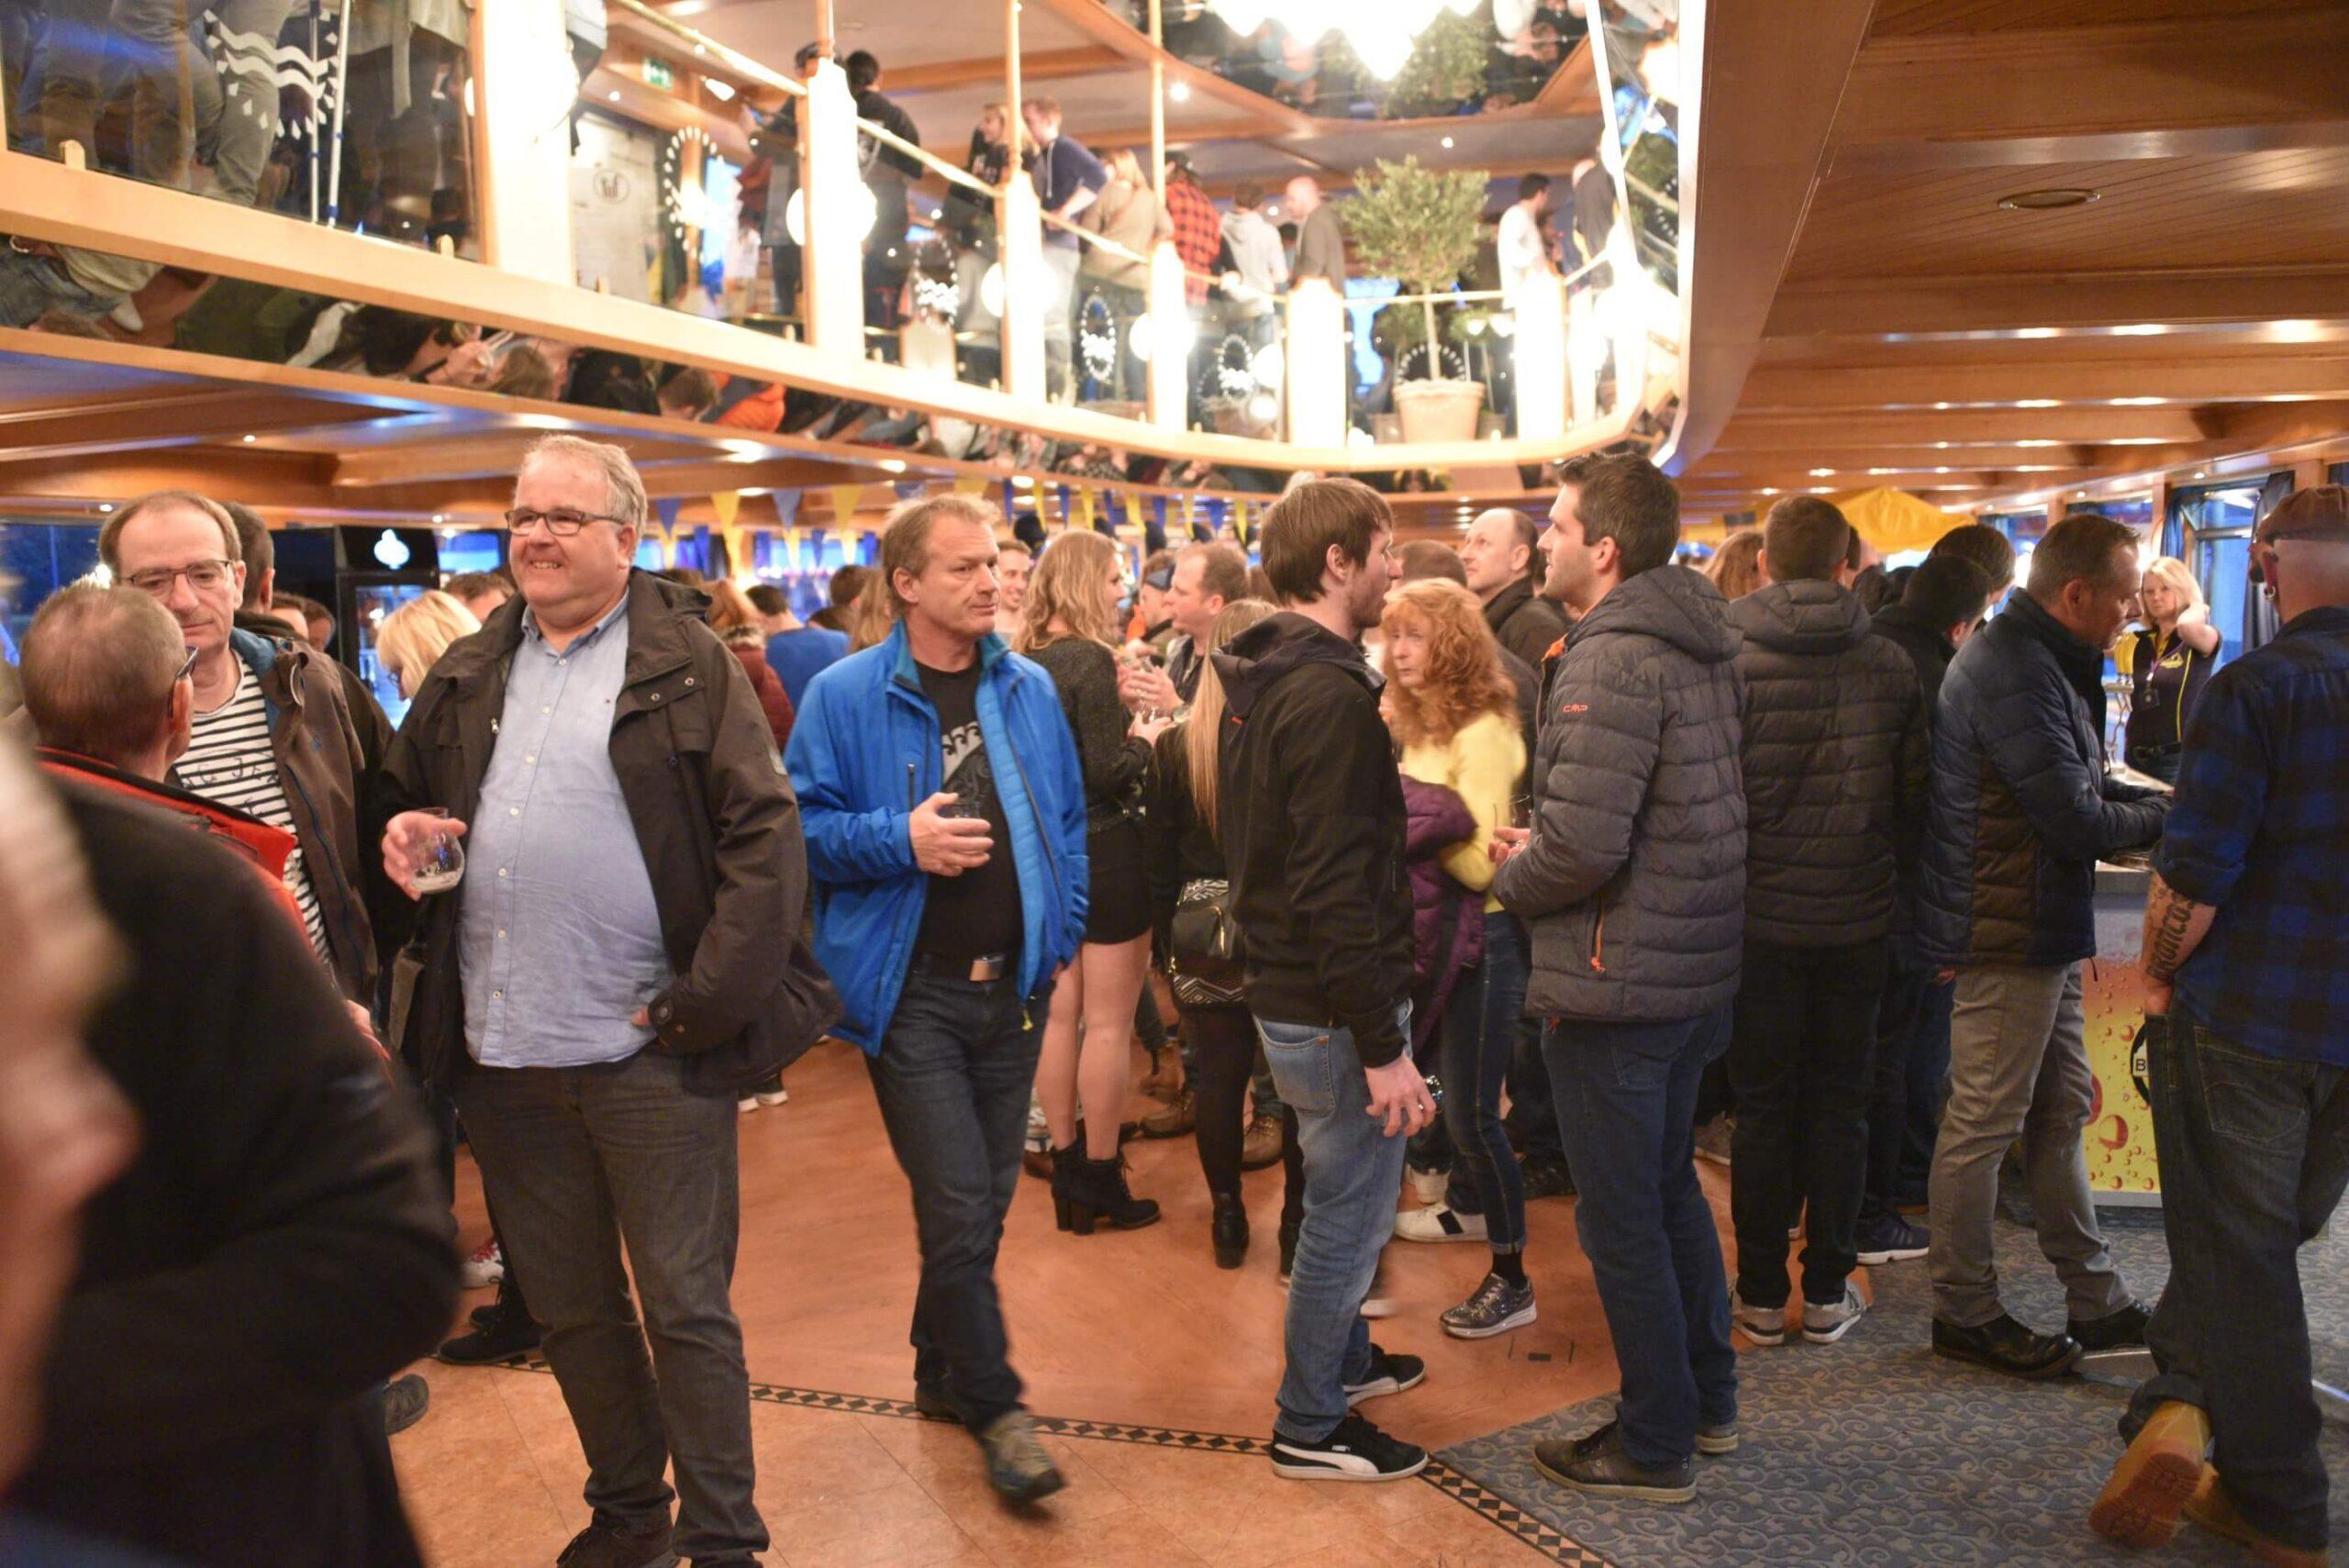 verein_thunersee_bierschiff-2019-0010